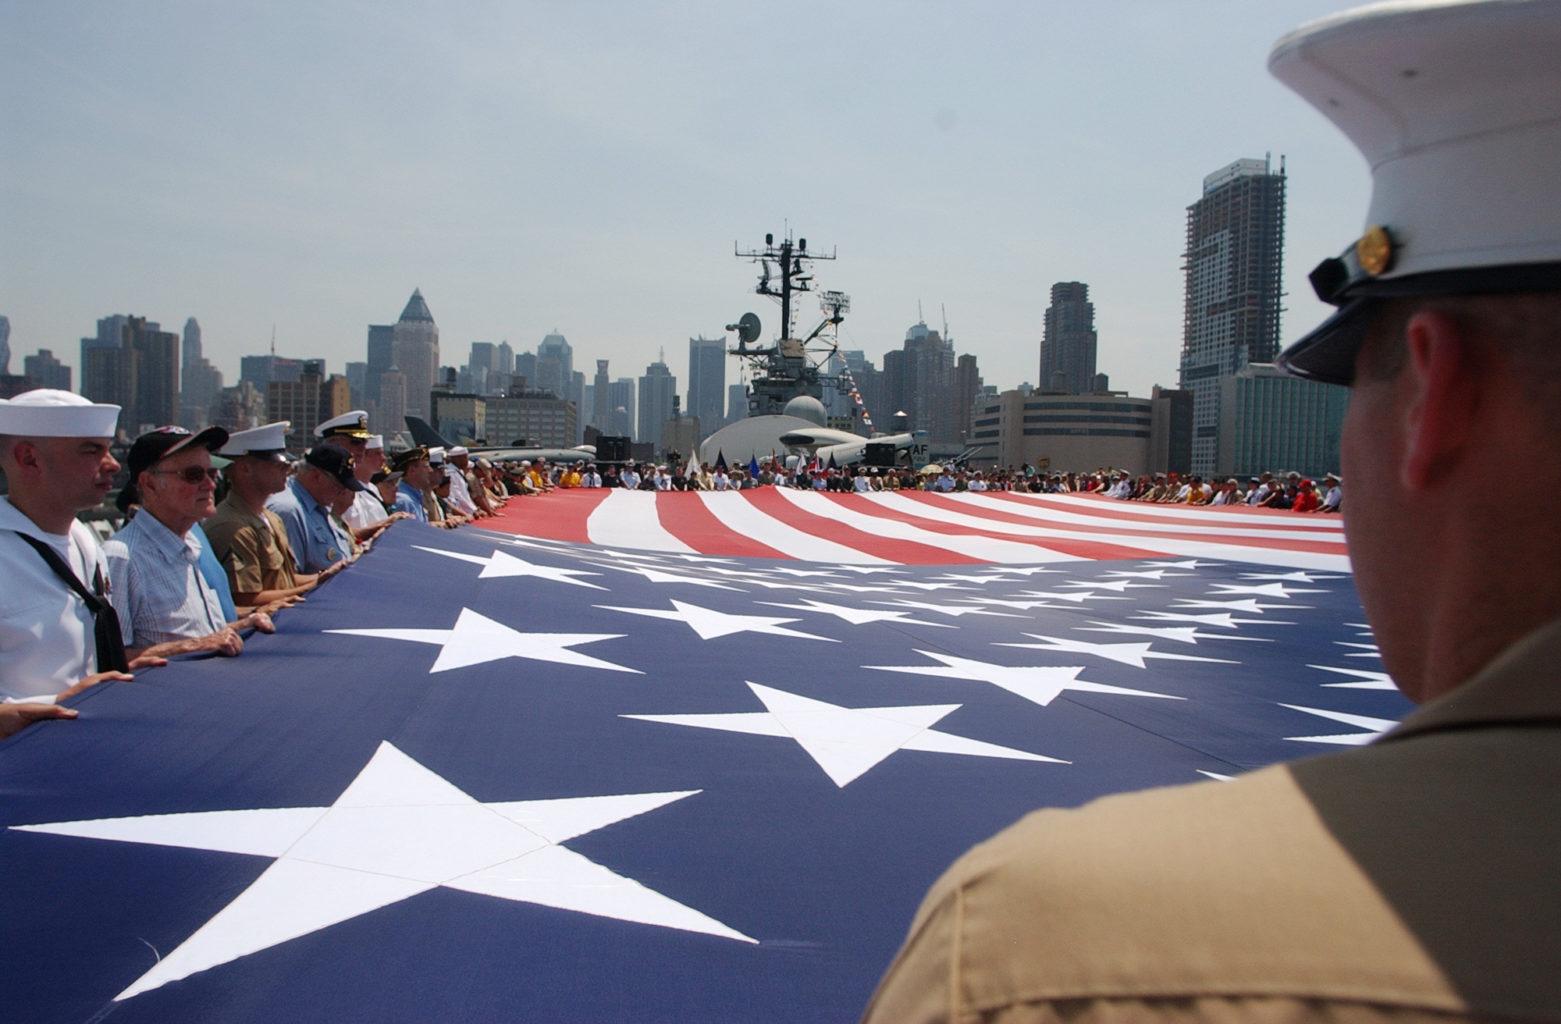 Soldats qui portent le drapeau des US à une cérémonie des Marines